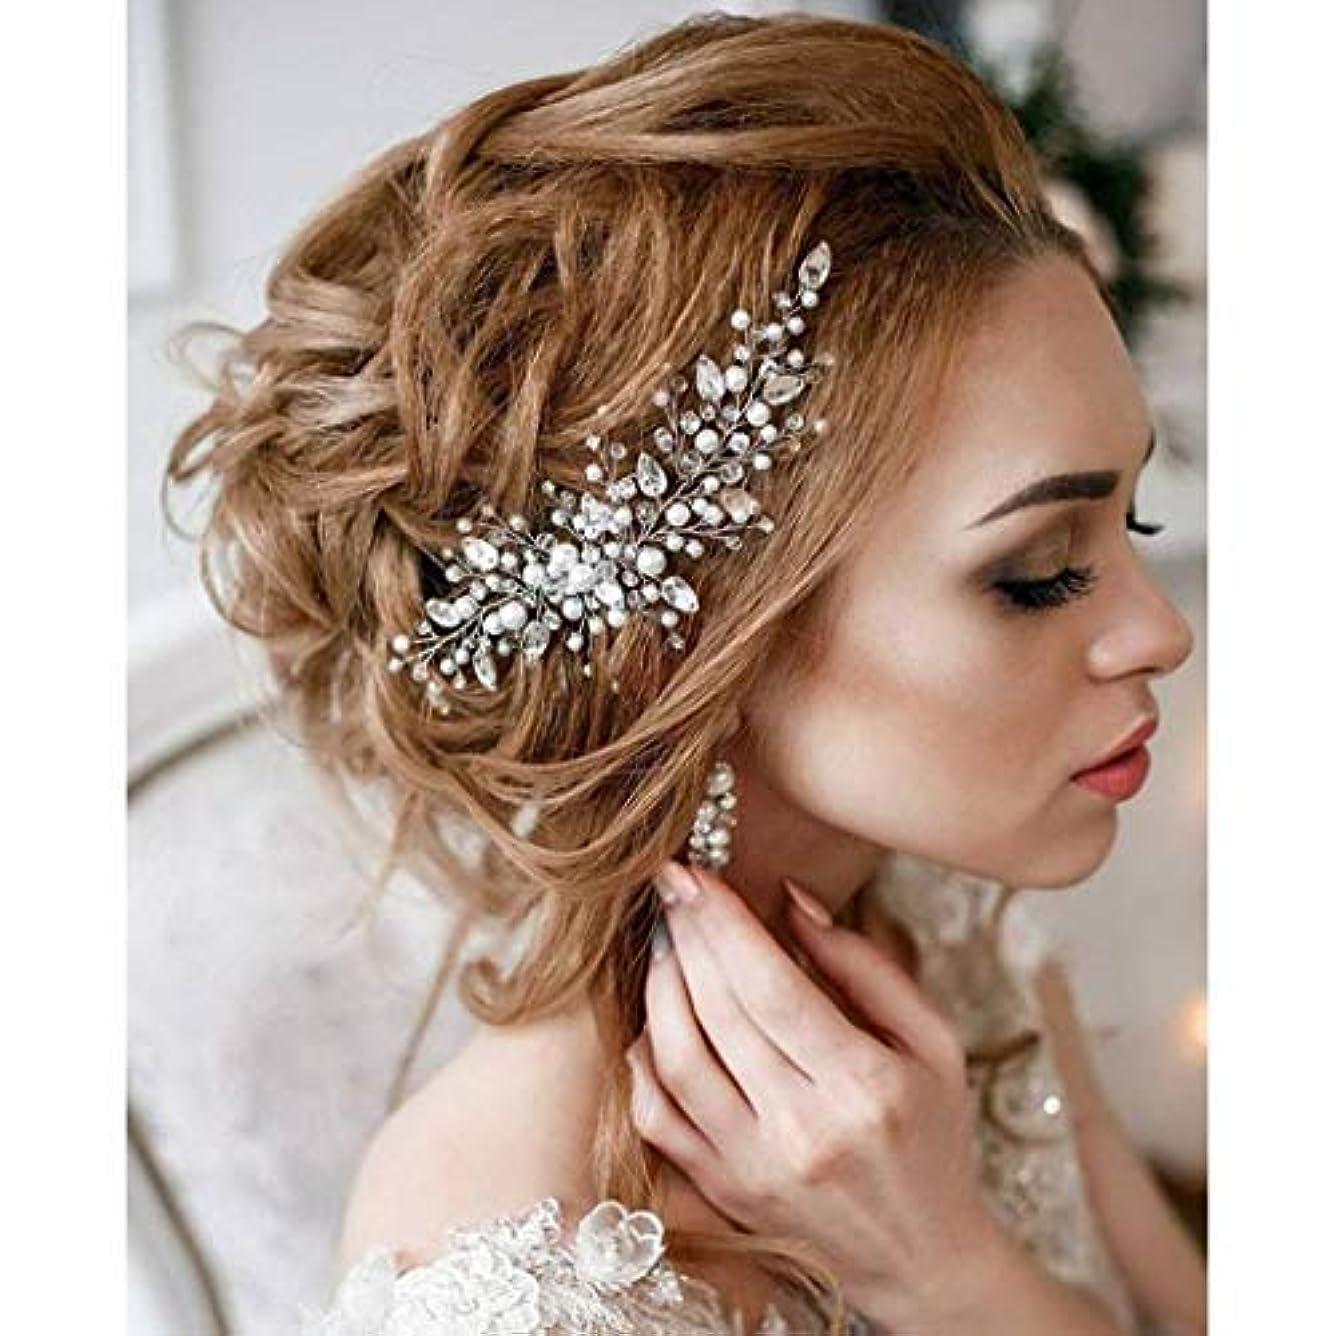 死ぬ過剰行き当たりばったりAukmla Bride Wedding Hair Combs Bridal Hair Accessories Decorative for Brides and Bridesmaids [並行輸入品]